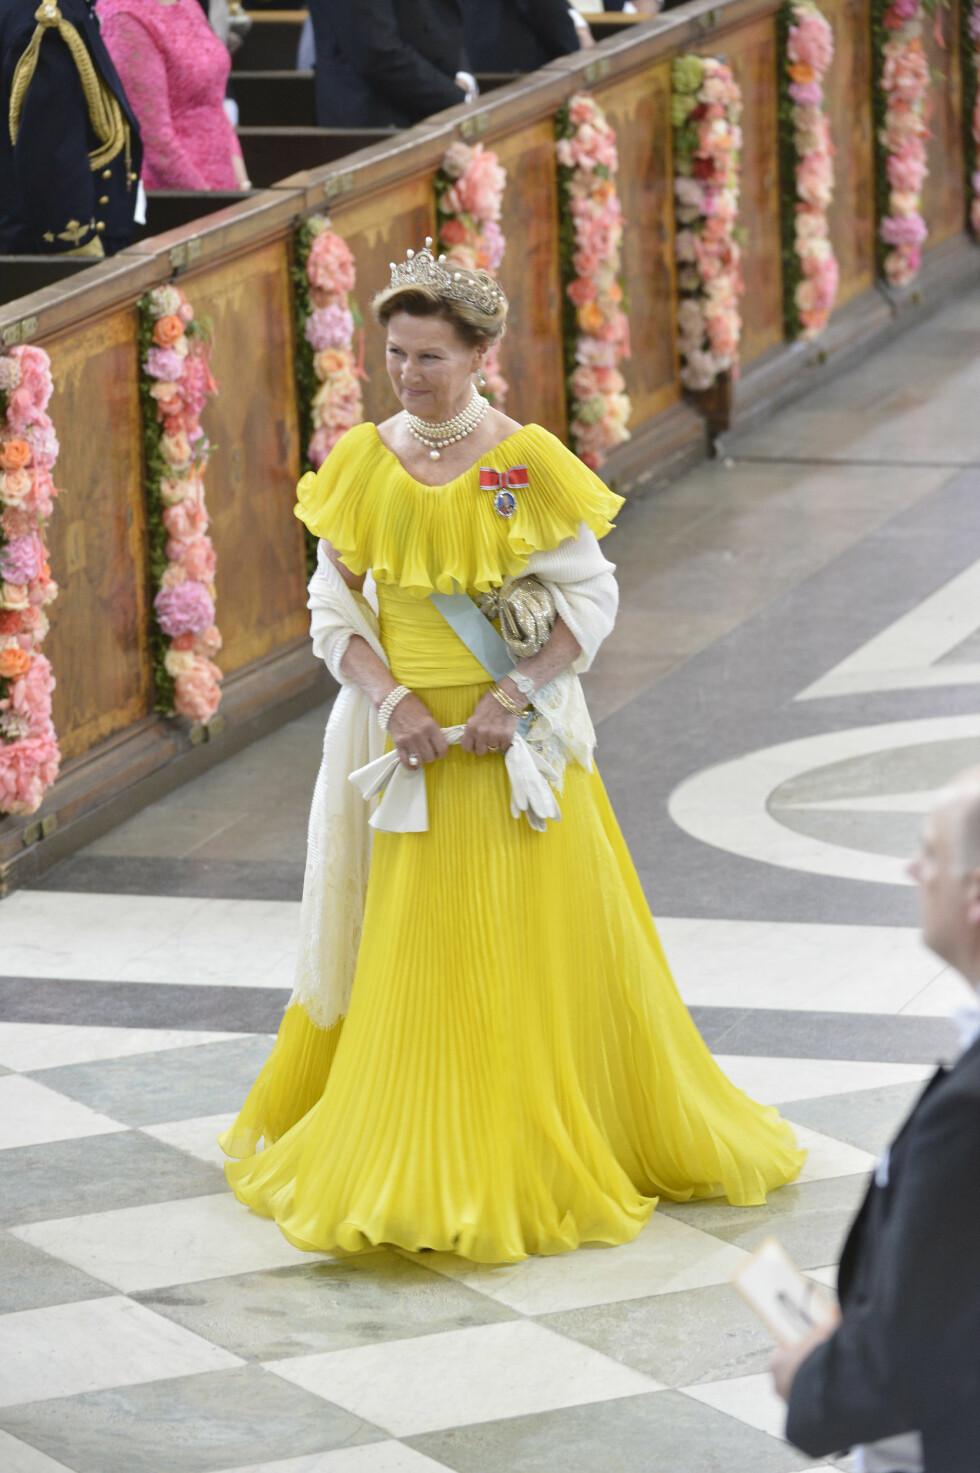 GULT ER KULT: Dronning Sonja gikk for gjenbruk - og strålte i den knallgule kjolen hun har brukt ved en rekke rojale tilsteldninger tidligere. Kanskje en hyllest til det svenske flagget, som kjent er blått og gult? Foto: NTB Scanpix